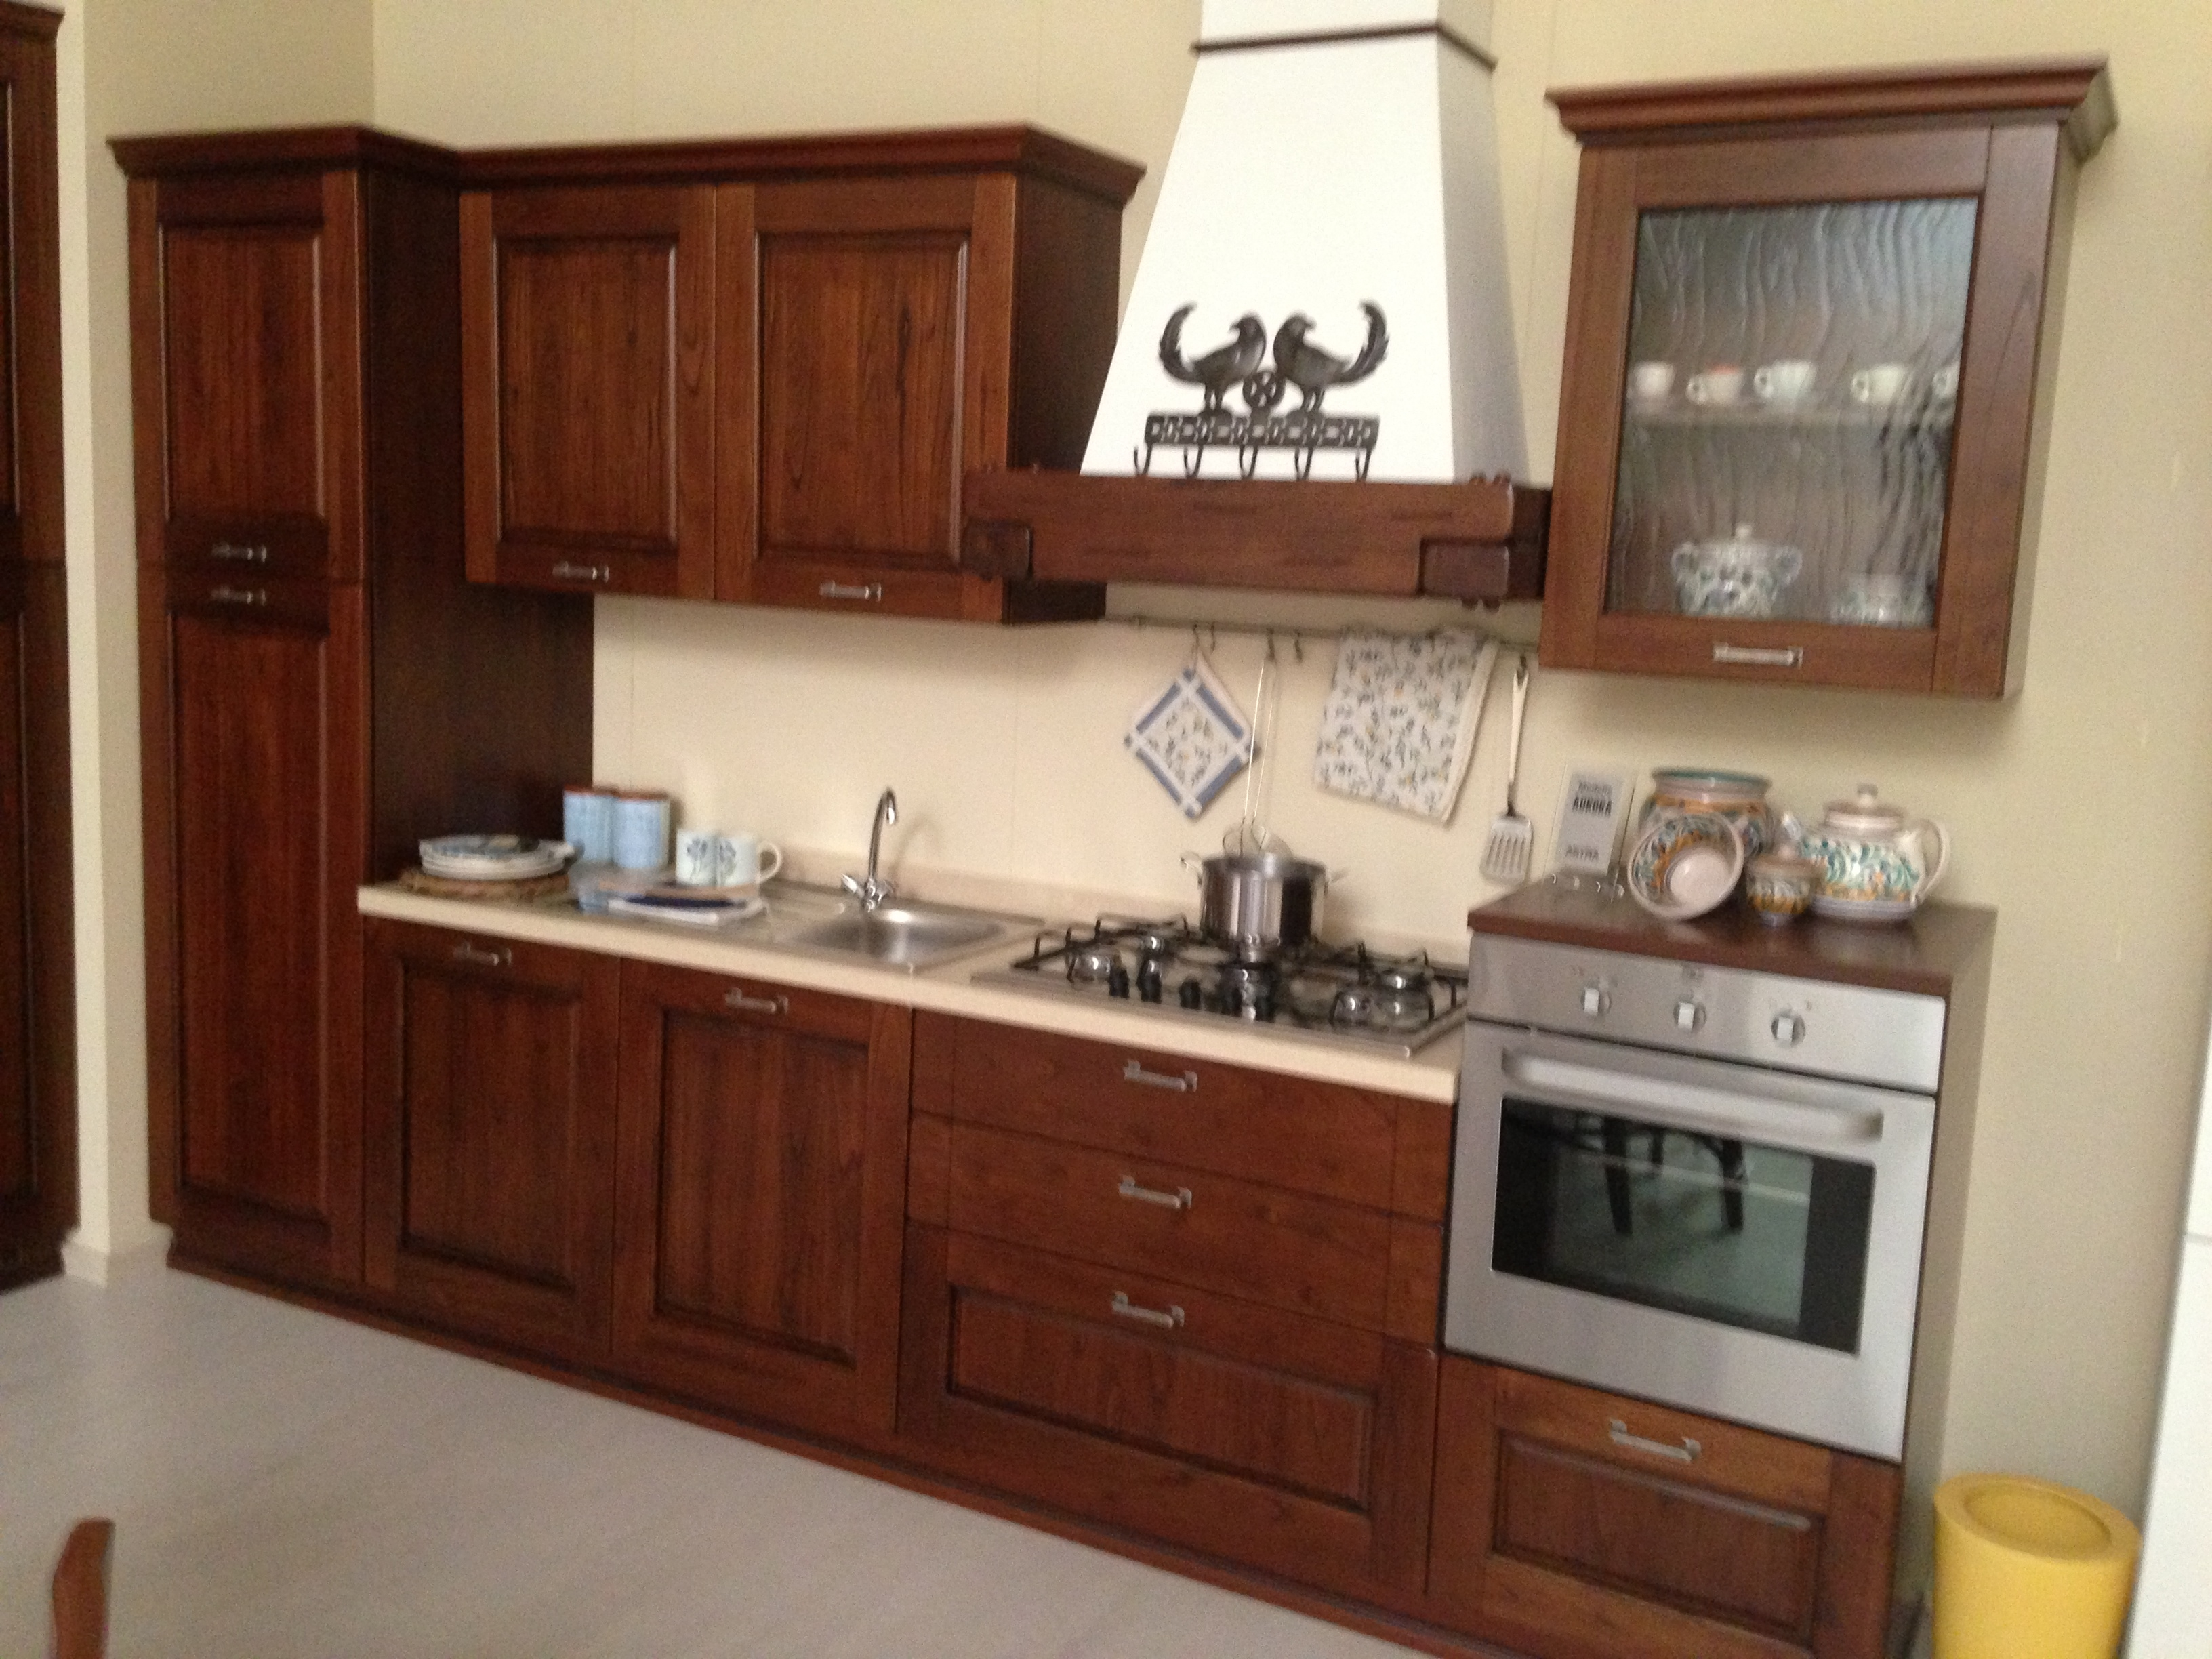 cucina in rovere spazzolato avorio opaco pensili in legno ...